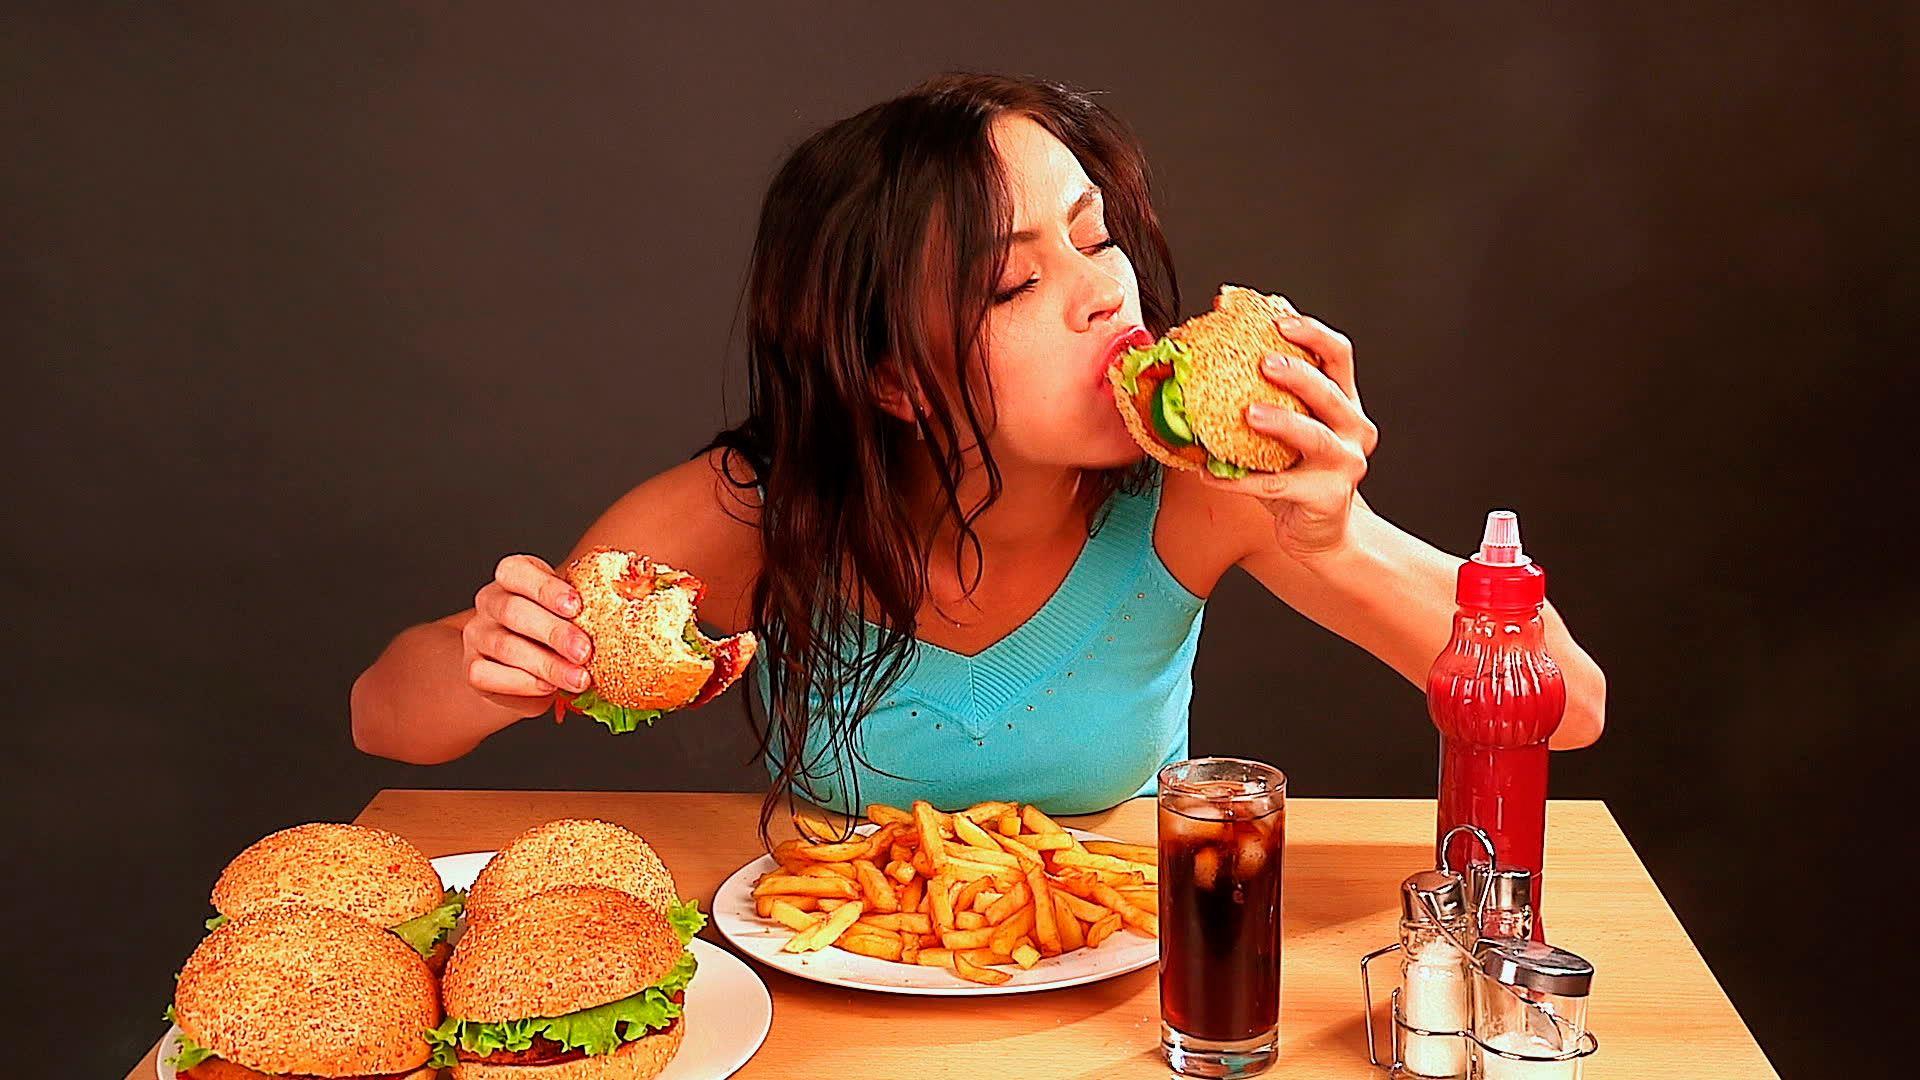 Cuando nos comemos nuestras emociones